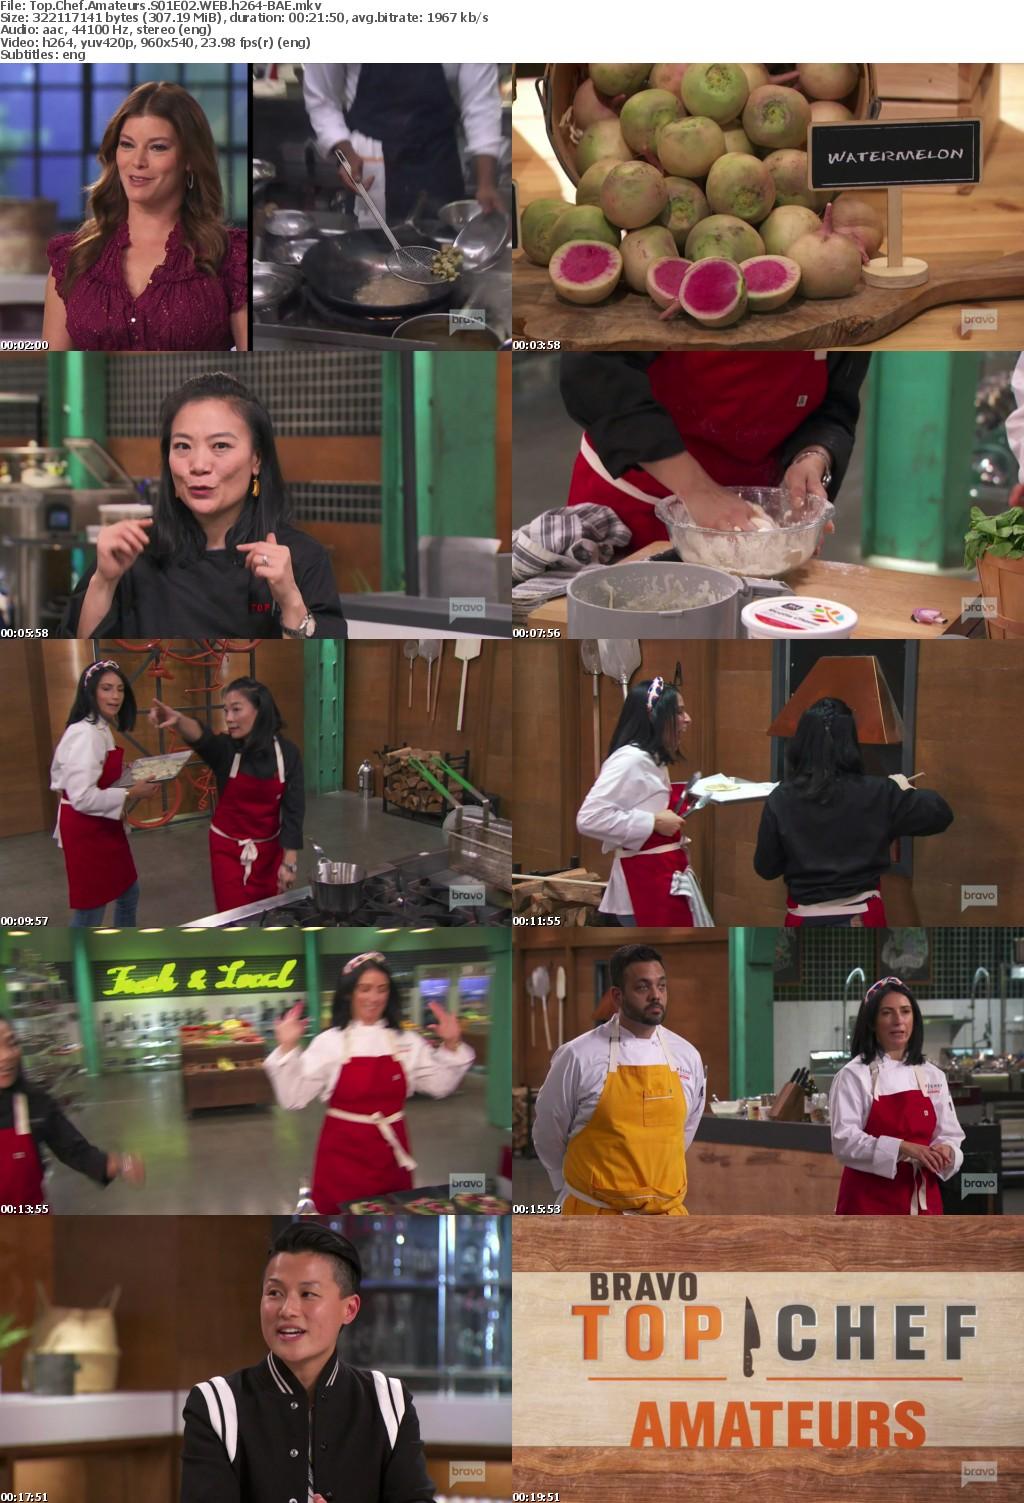 Top Chef Amateurs S01E02 WEB h264-BAE